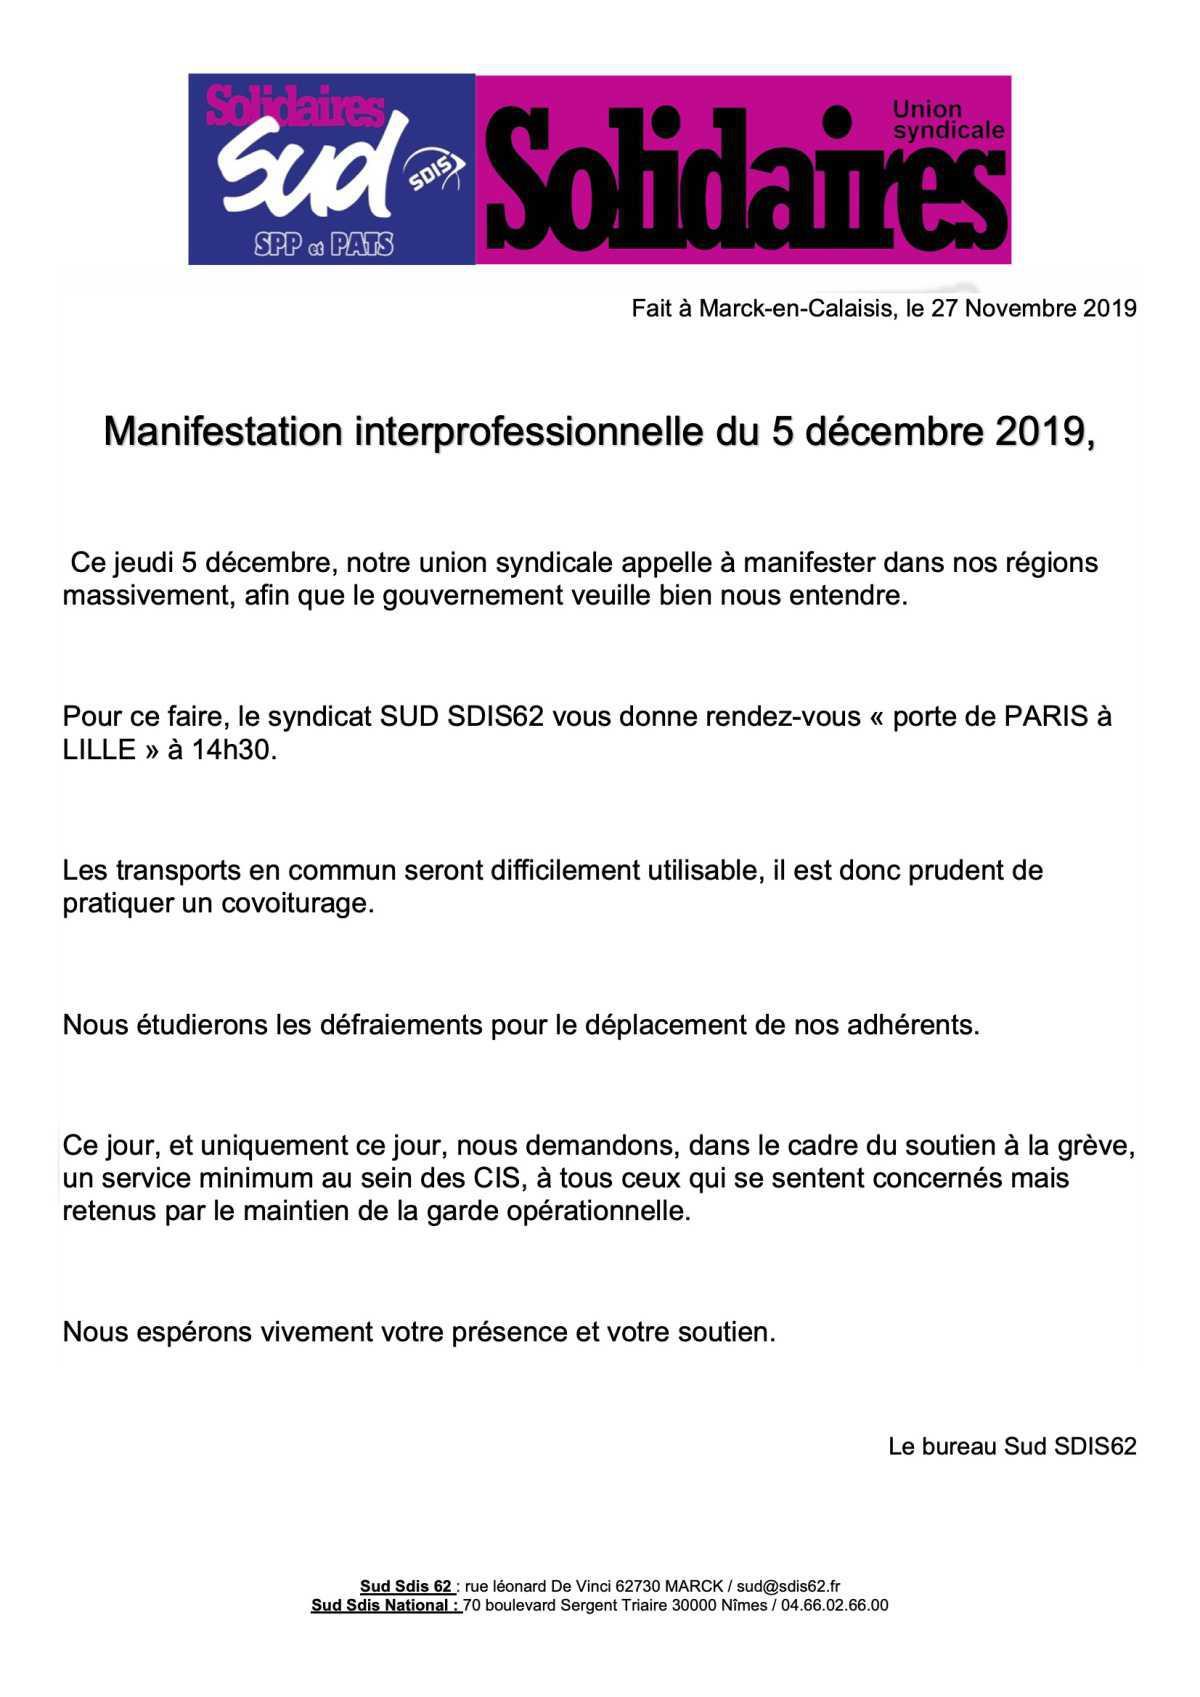 Manifestation interprofessionnelle du 5 décembre 2019